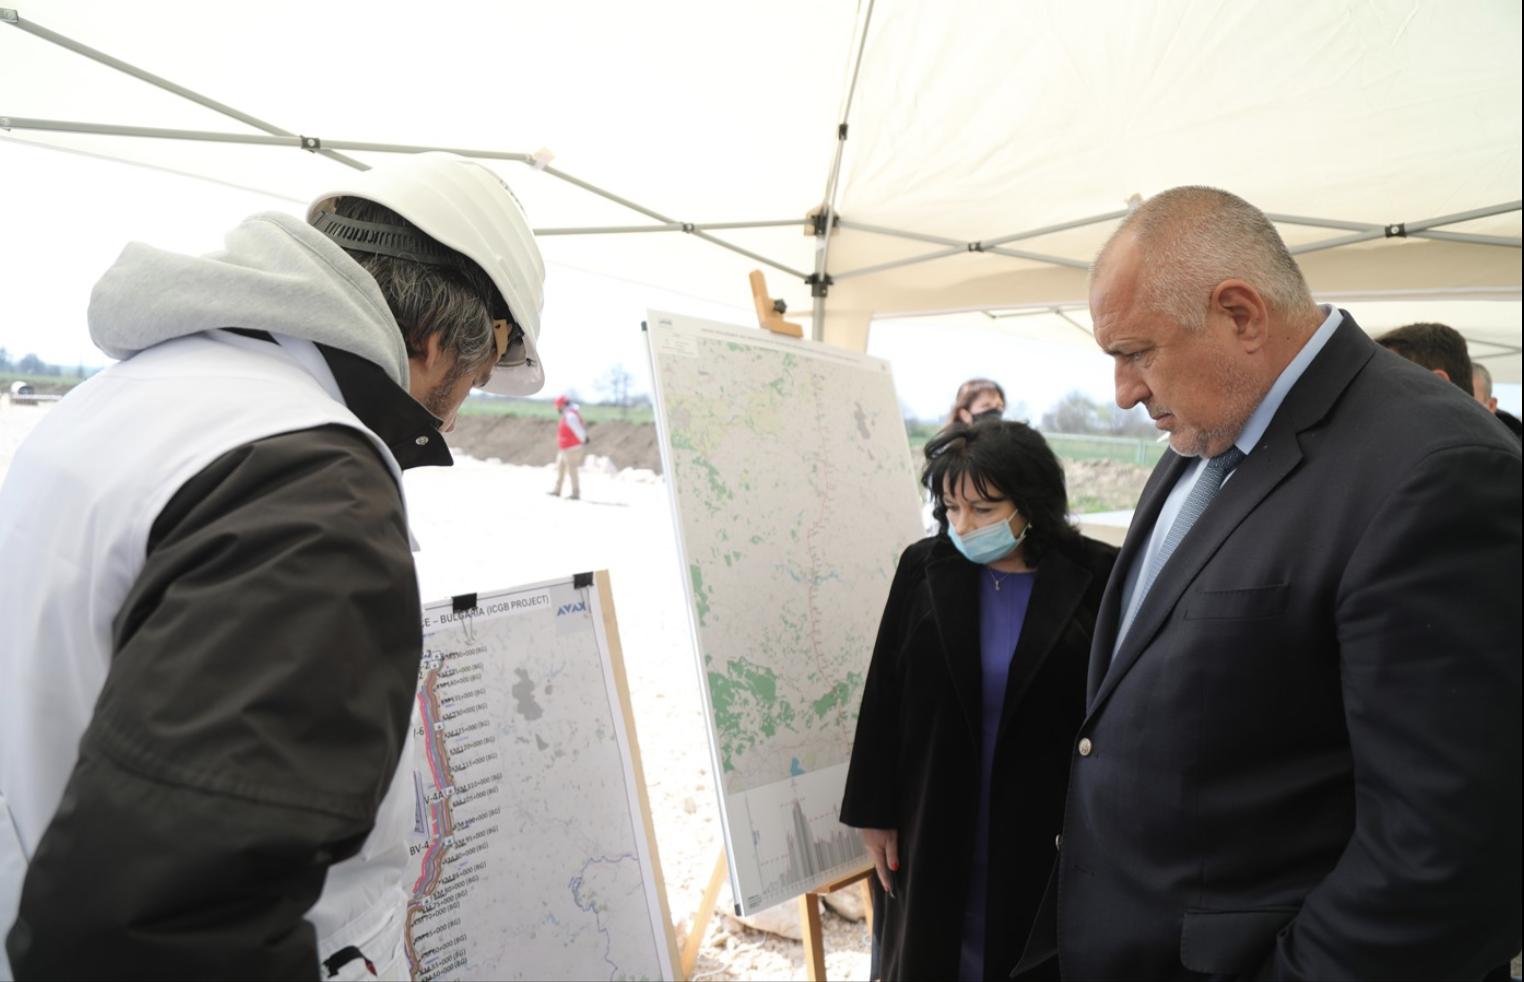 Βουλγαρία: Μέχρι το τέλος του έτους η διασύνδεση του αγωγού ΦΑ με την Ελλάδα, δήλωσε ο Borissov